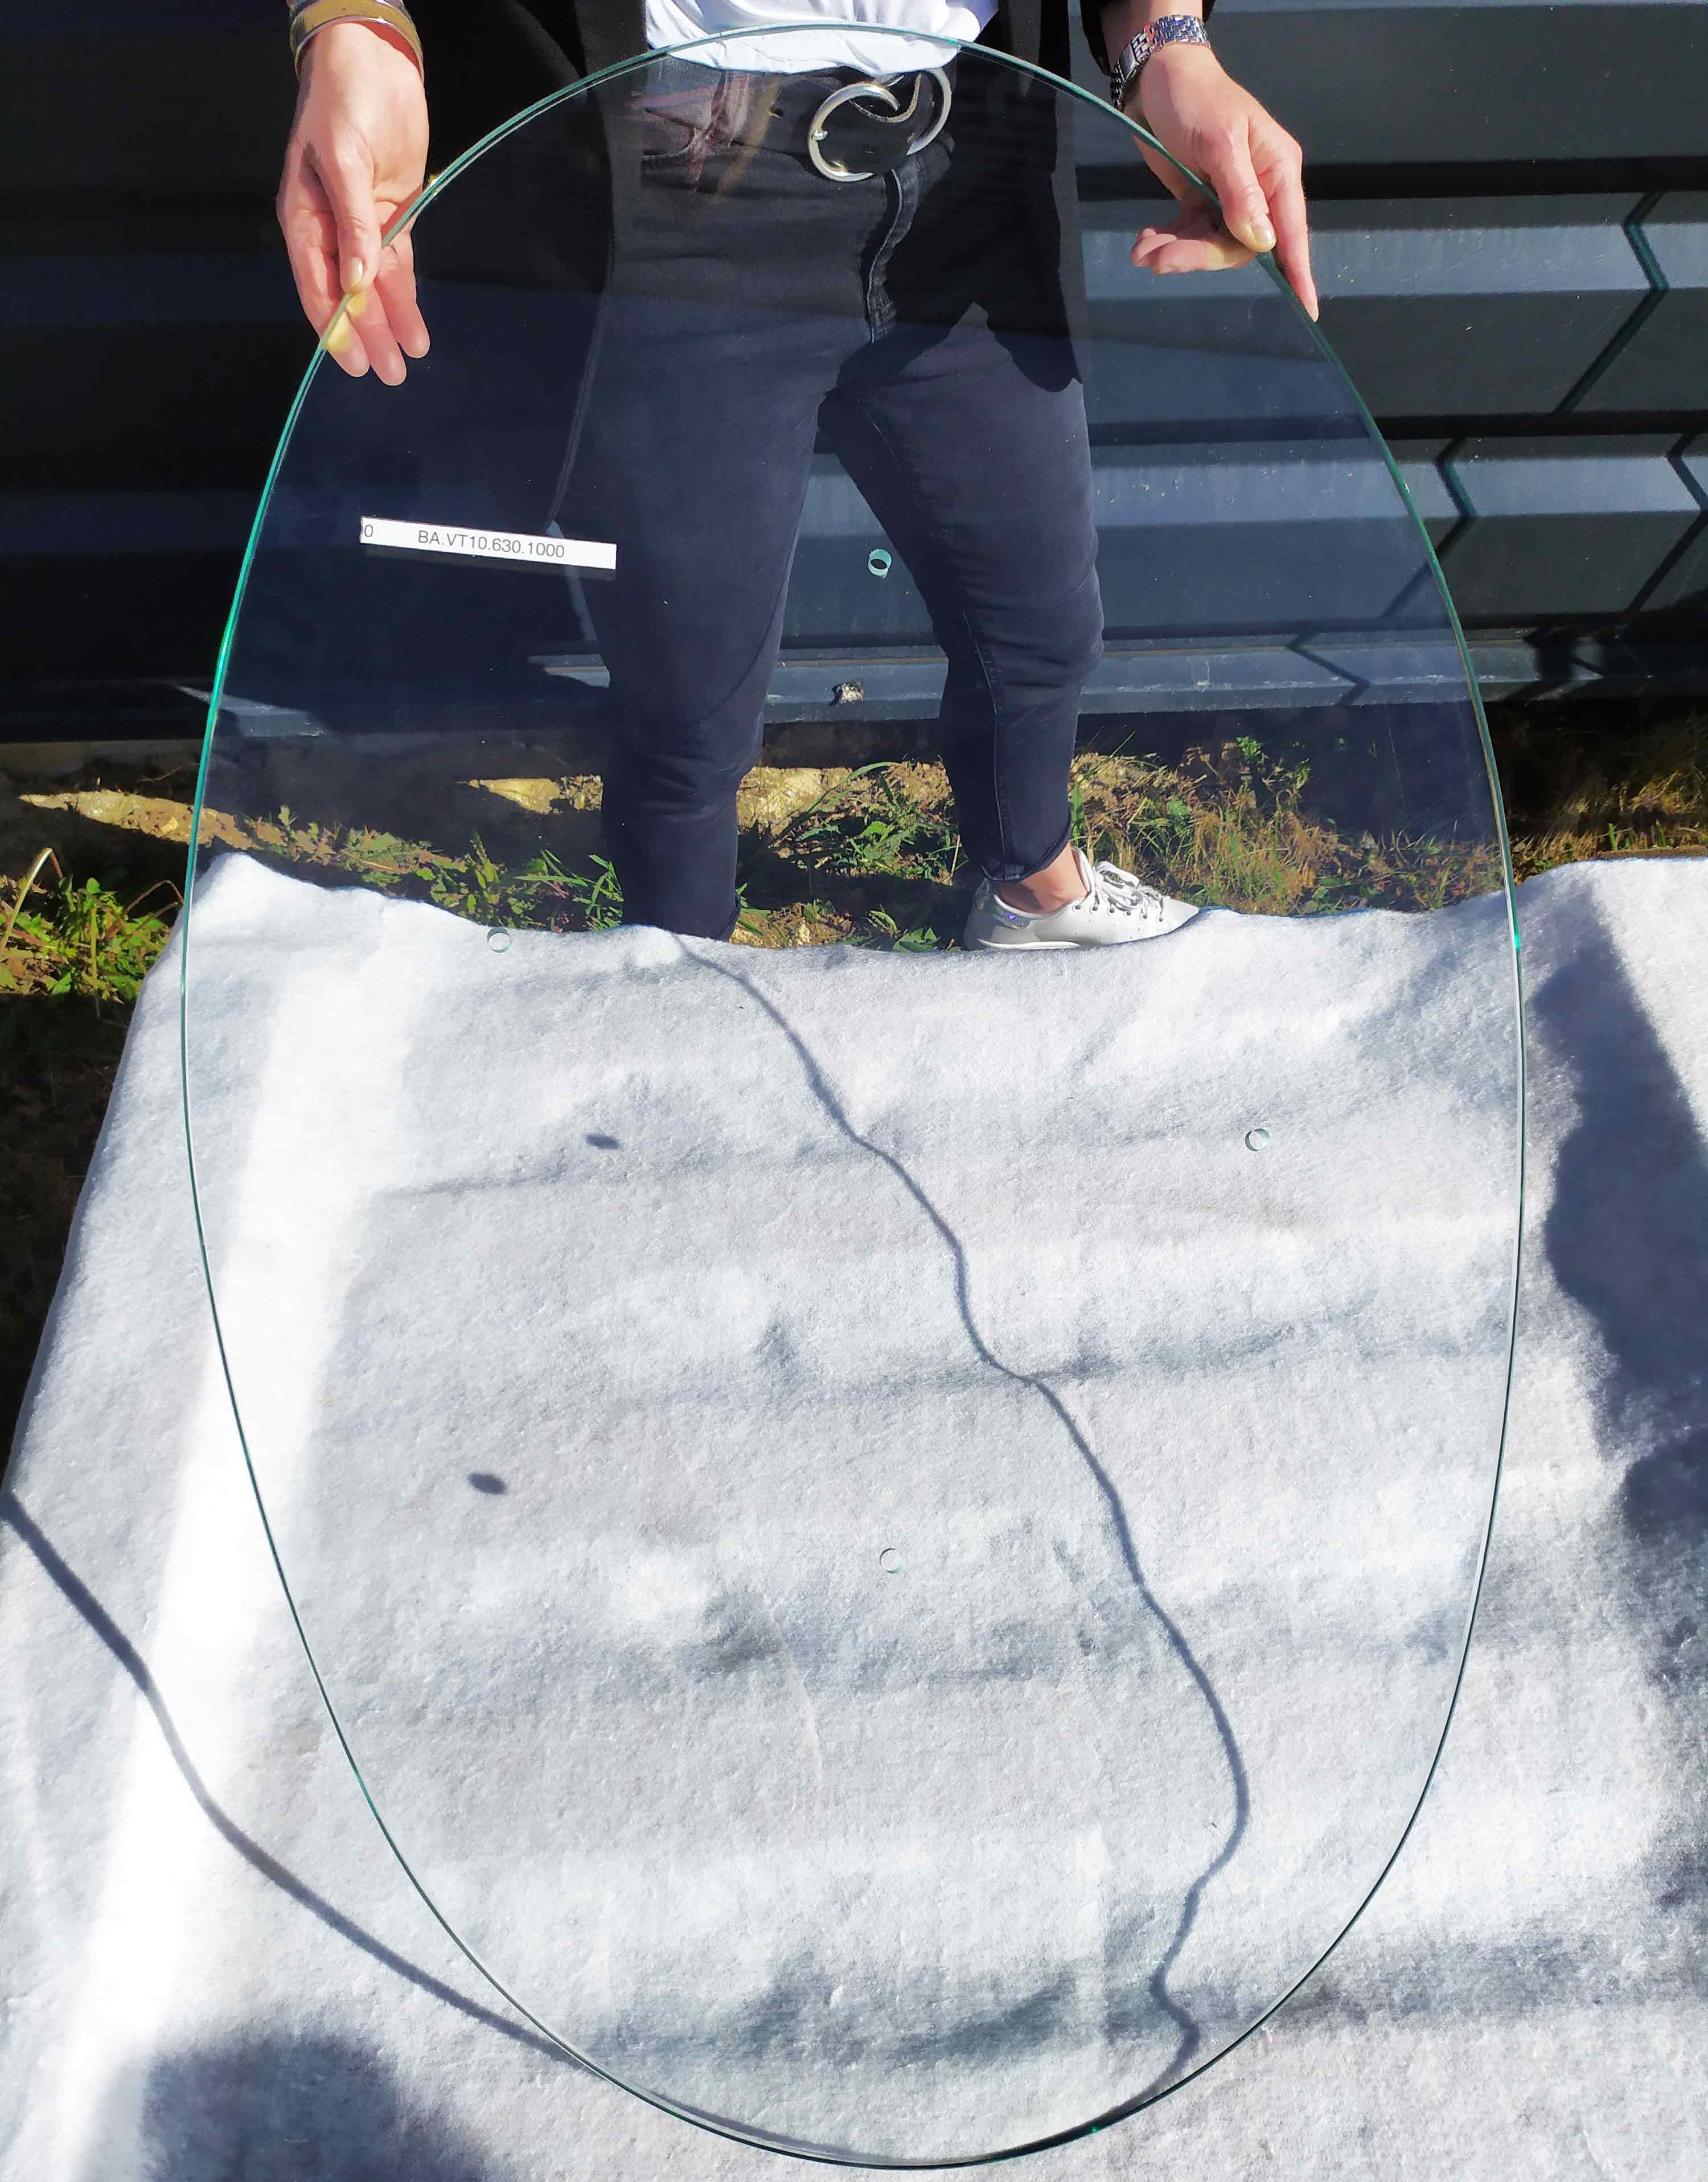 Verre trempé ovale avec perçage 630x1000